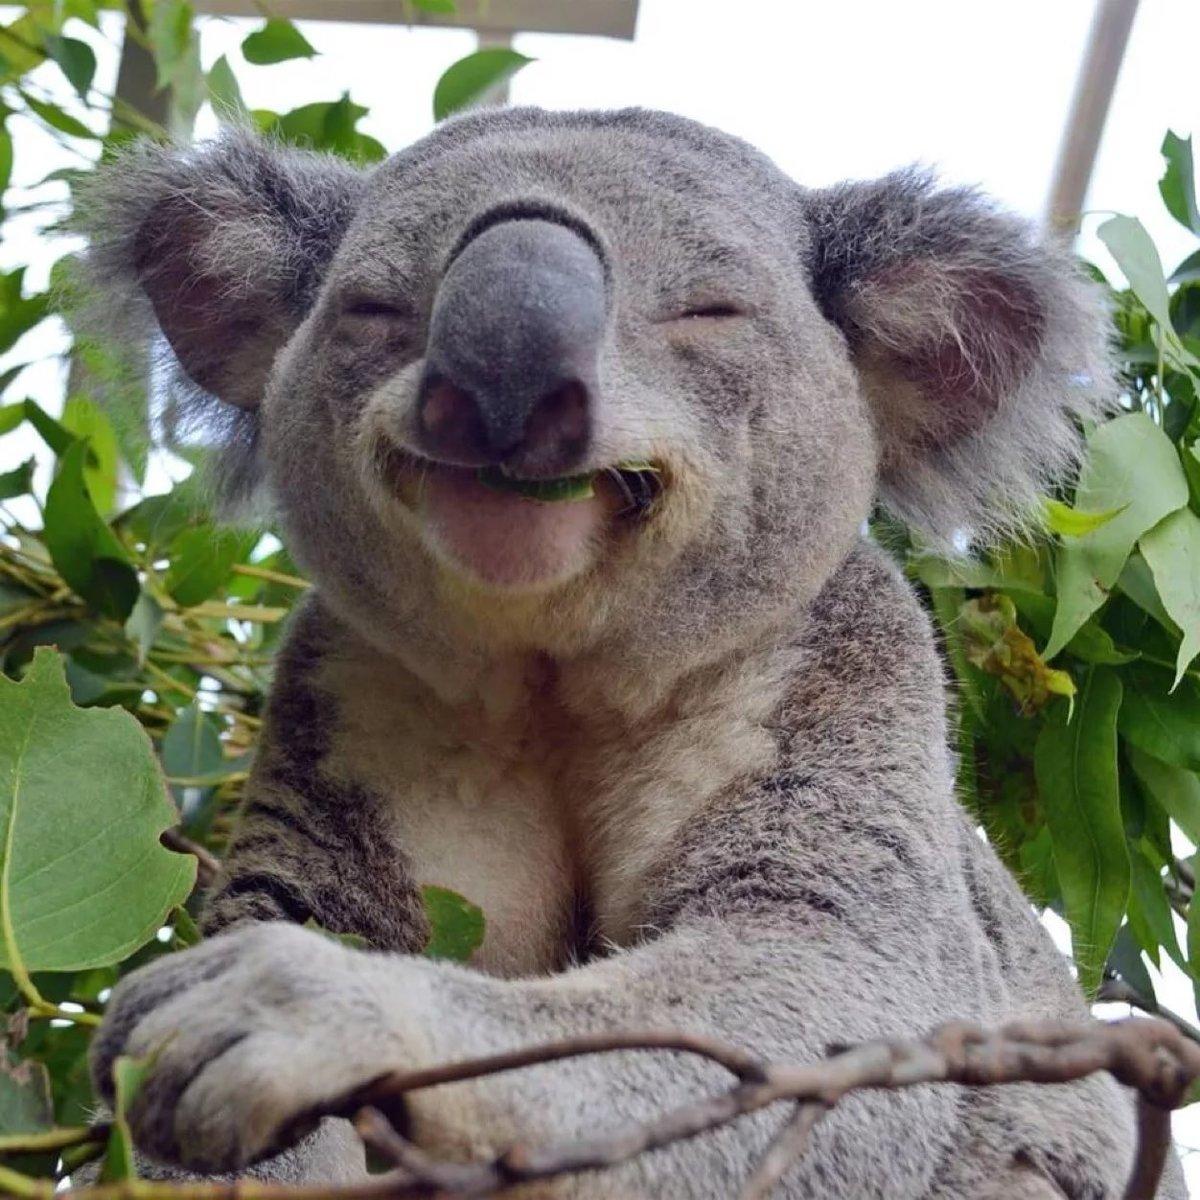 правильно смешные коалы фото этого можете